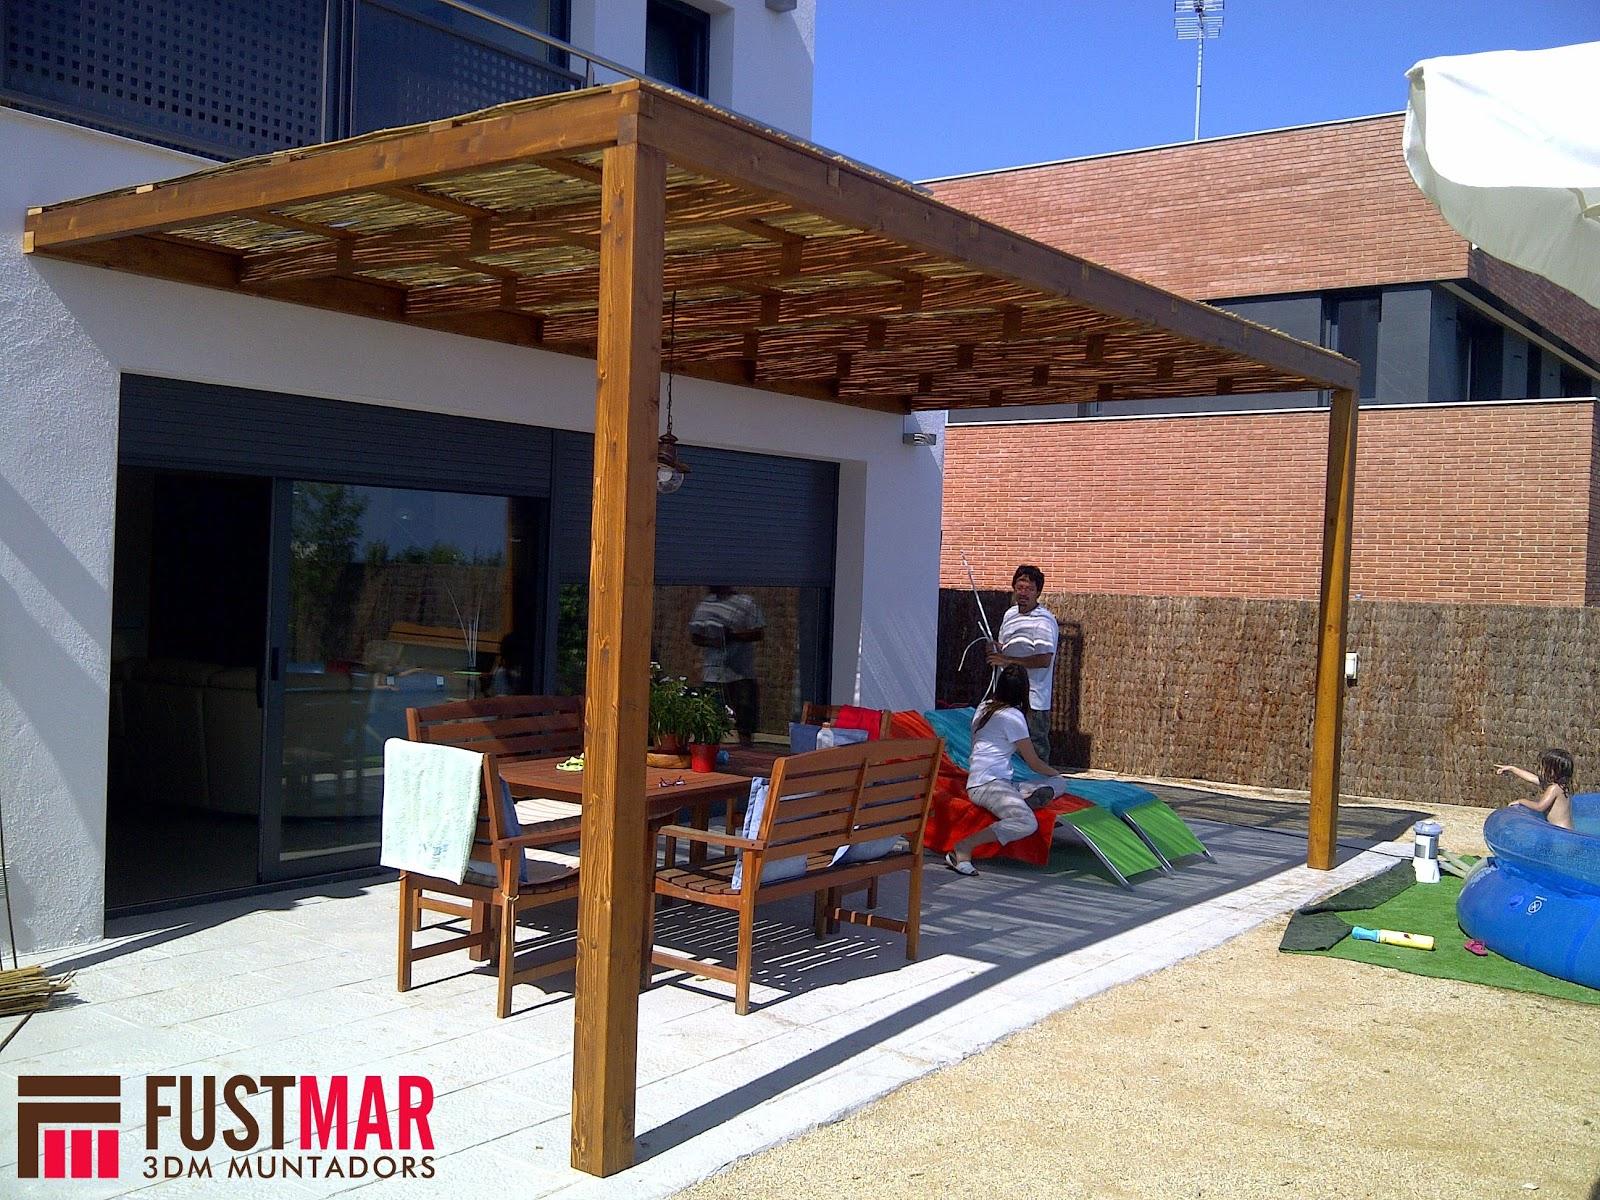 Carpinteria fustmar pergola de madera de abeto laminado con techo de ca a de bamb - Pergolas de bambu ...